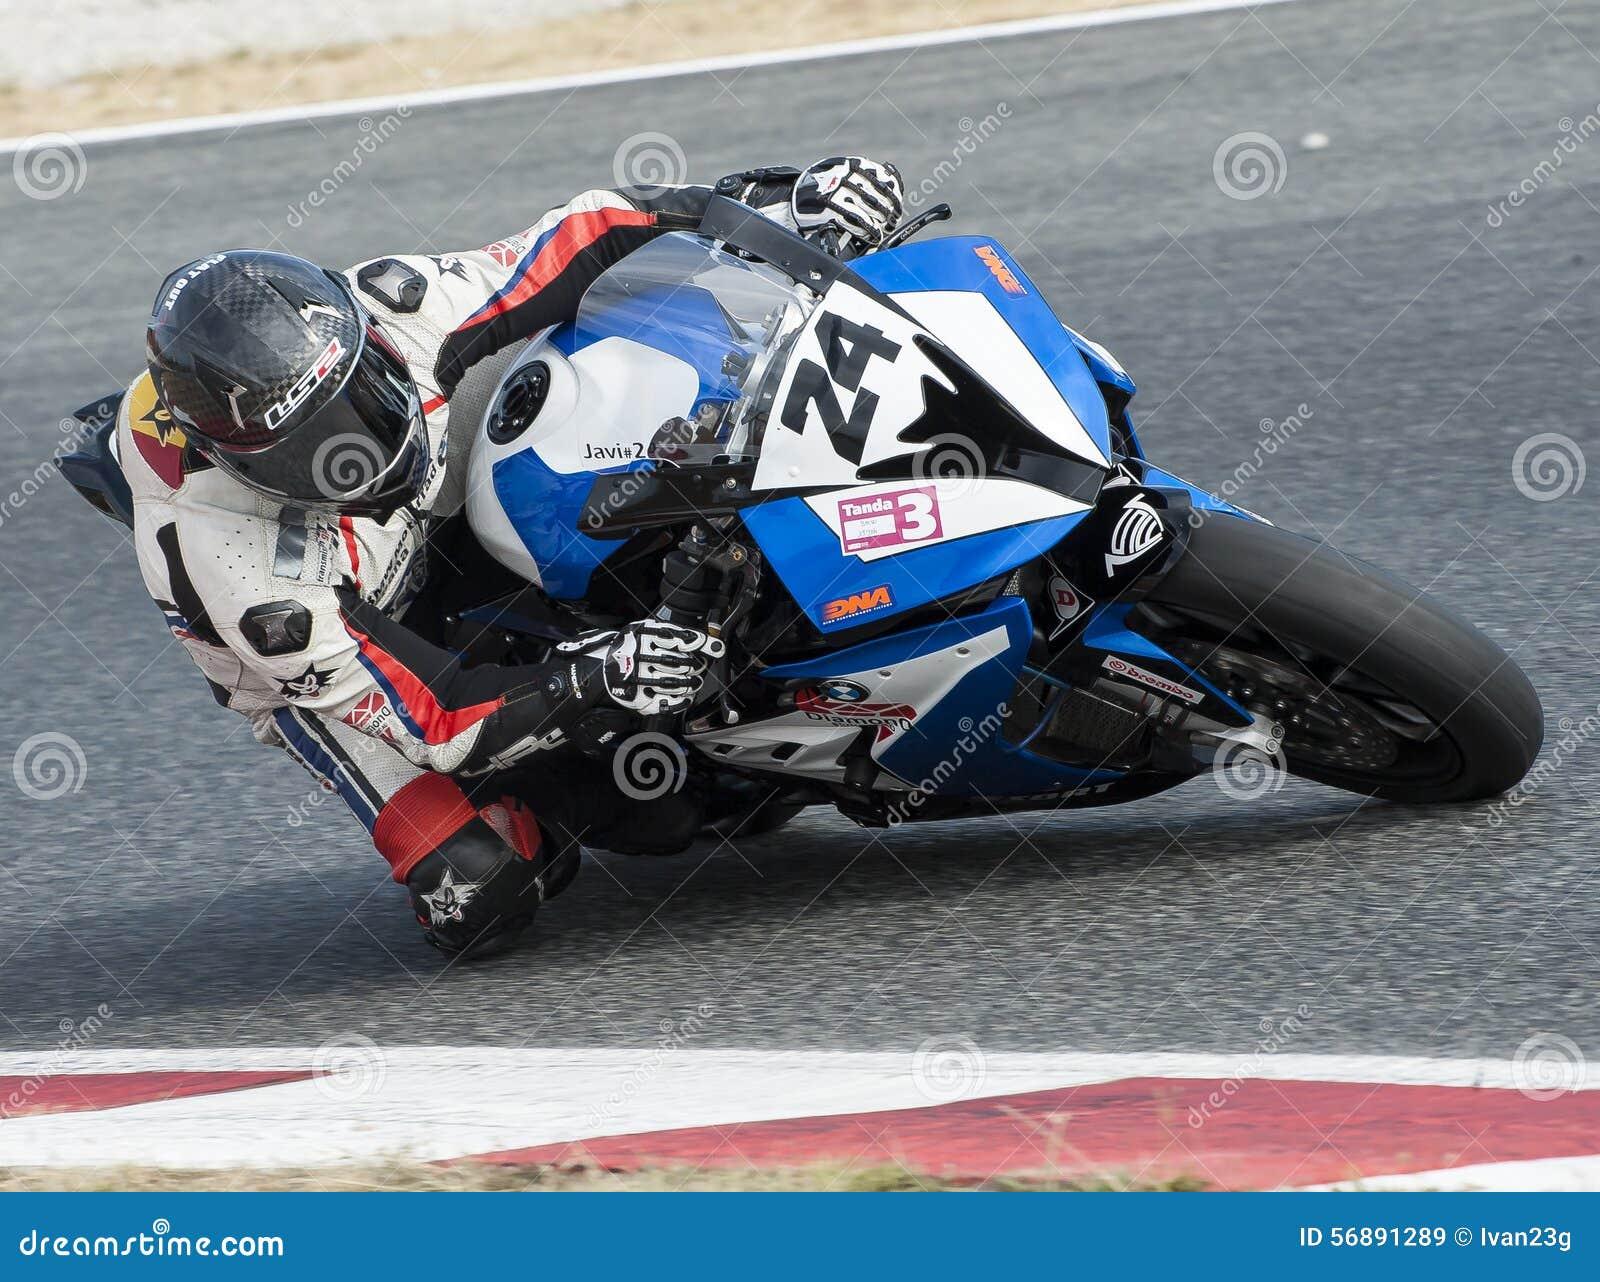 CAMPIONATO CATALANO DI MOTOCICLISMO - JAVIER PASCUAL